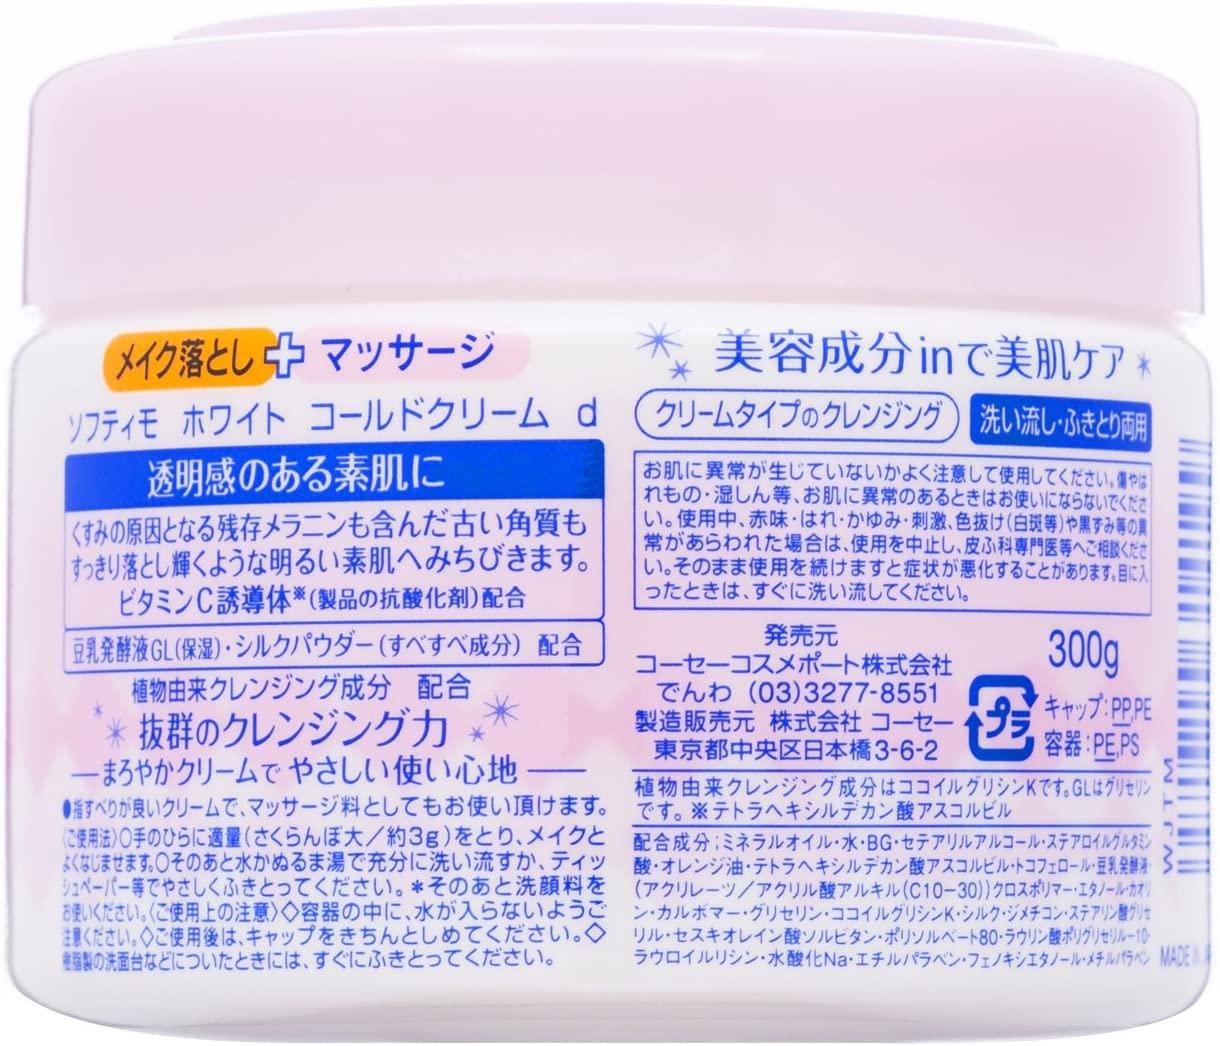 softymo(ソフティモ) ホワイト コールドクリームの商品画像3